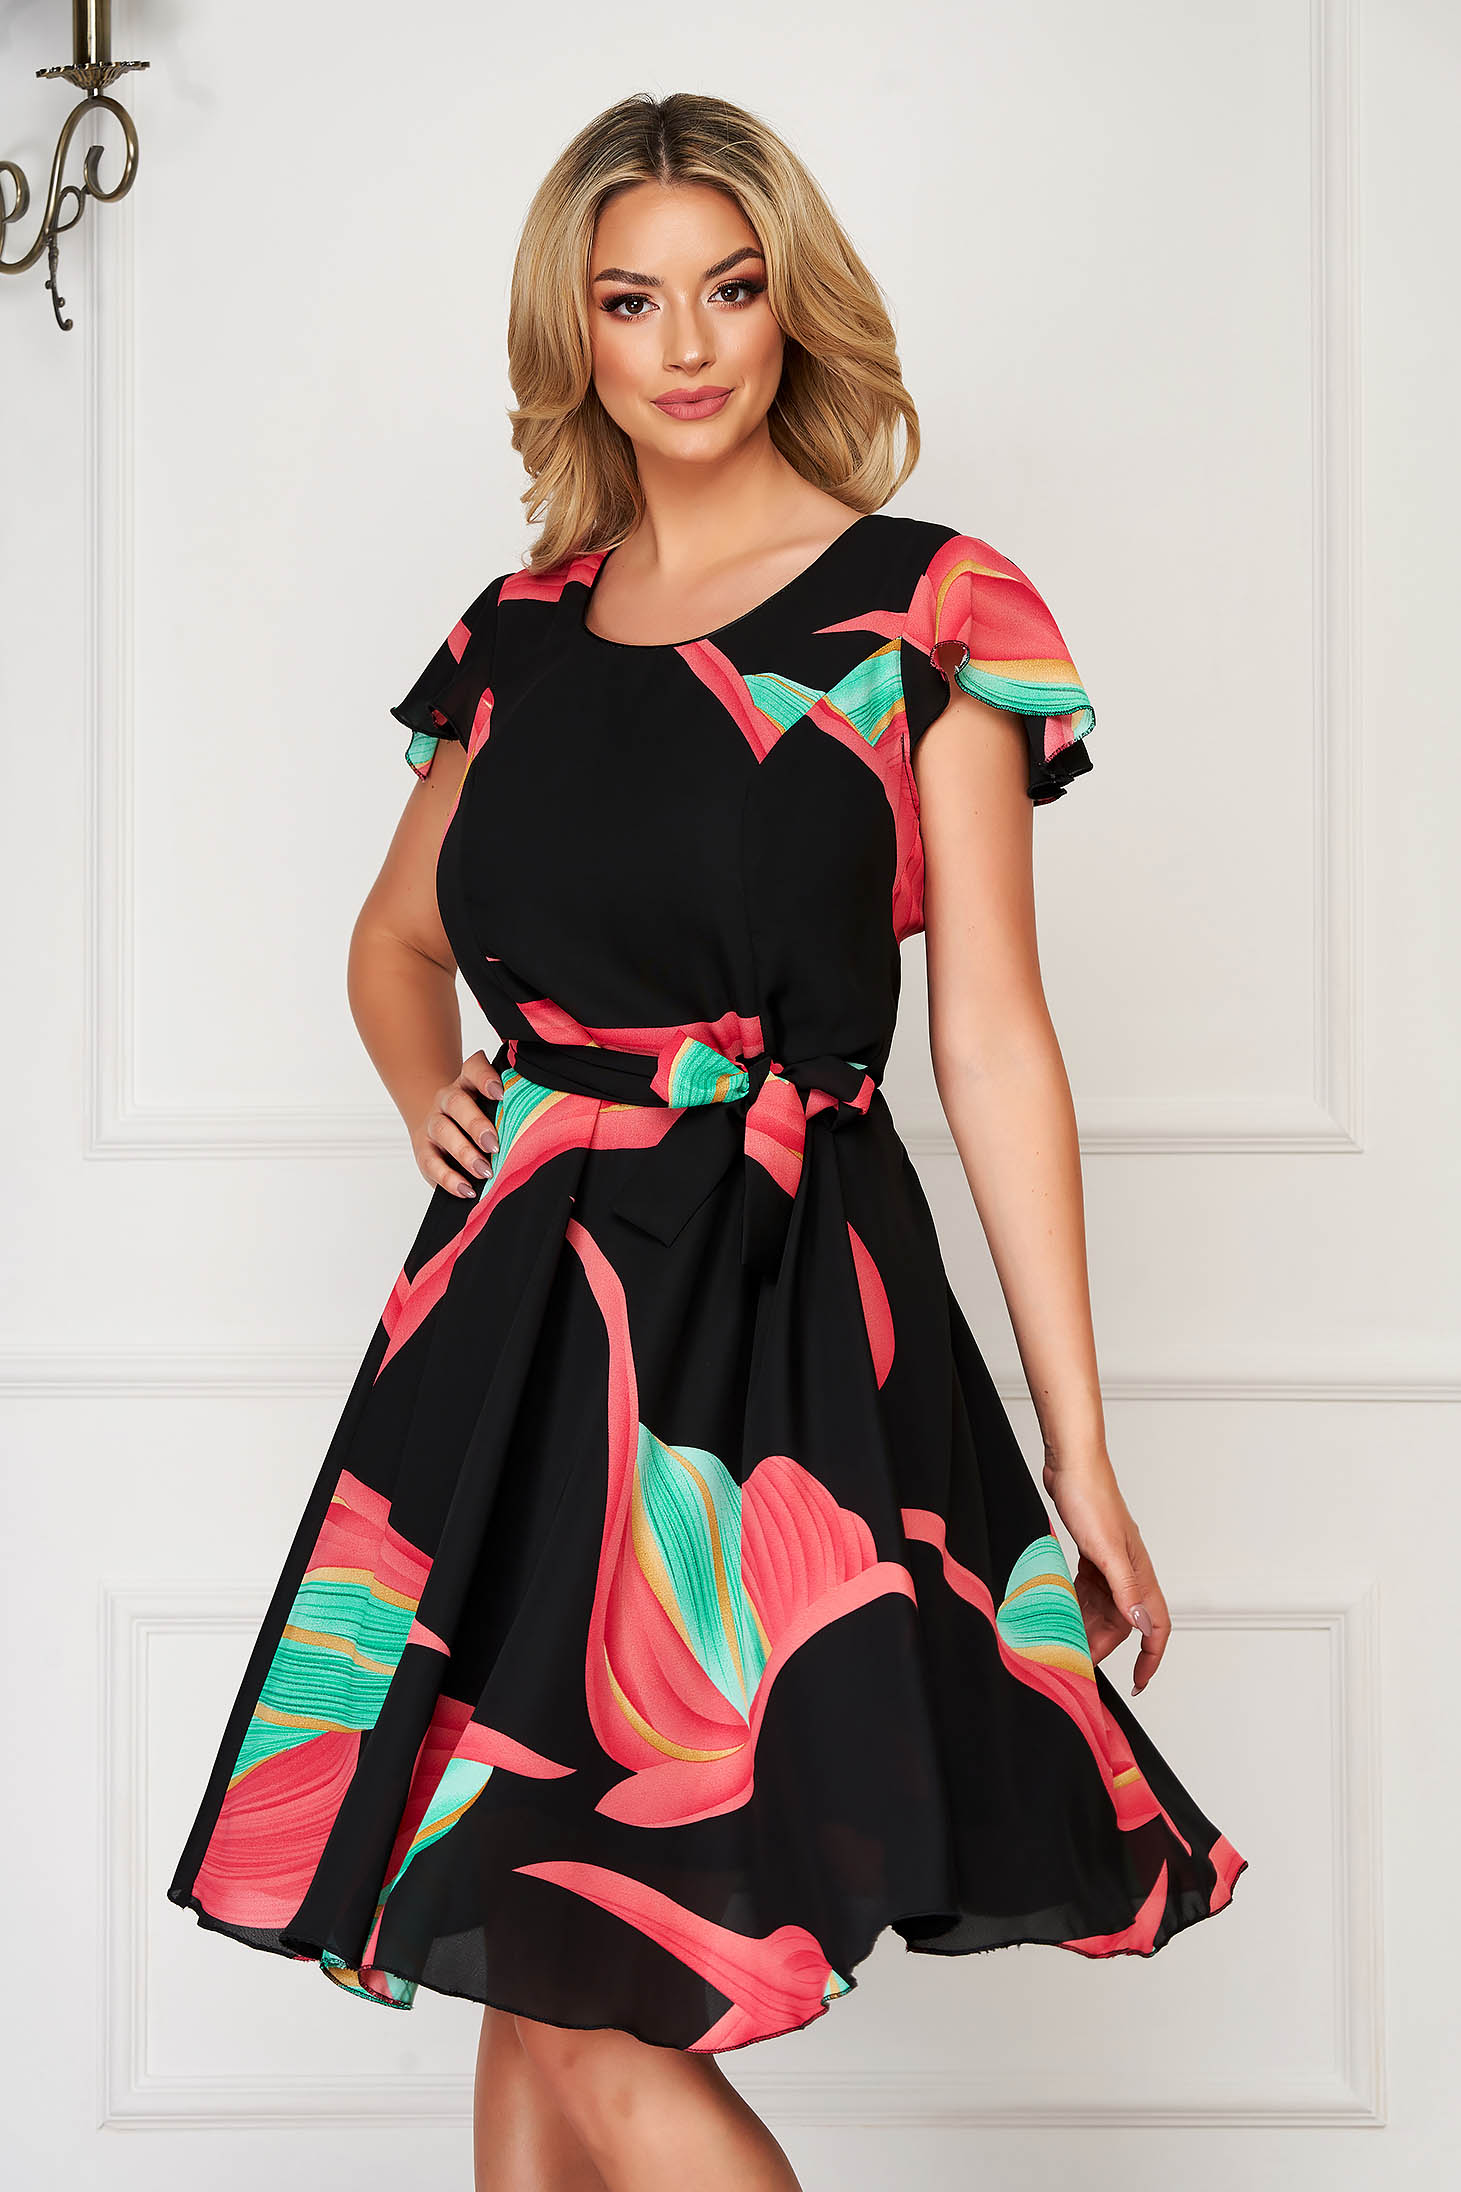 Fekete elegáns hétköznapi harang ruha rövid ujjakkal övvel ellátva muszlinból